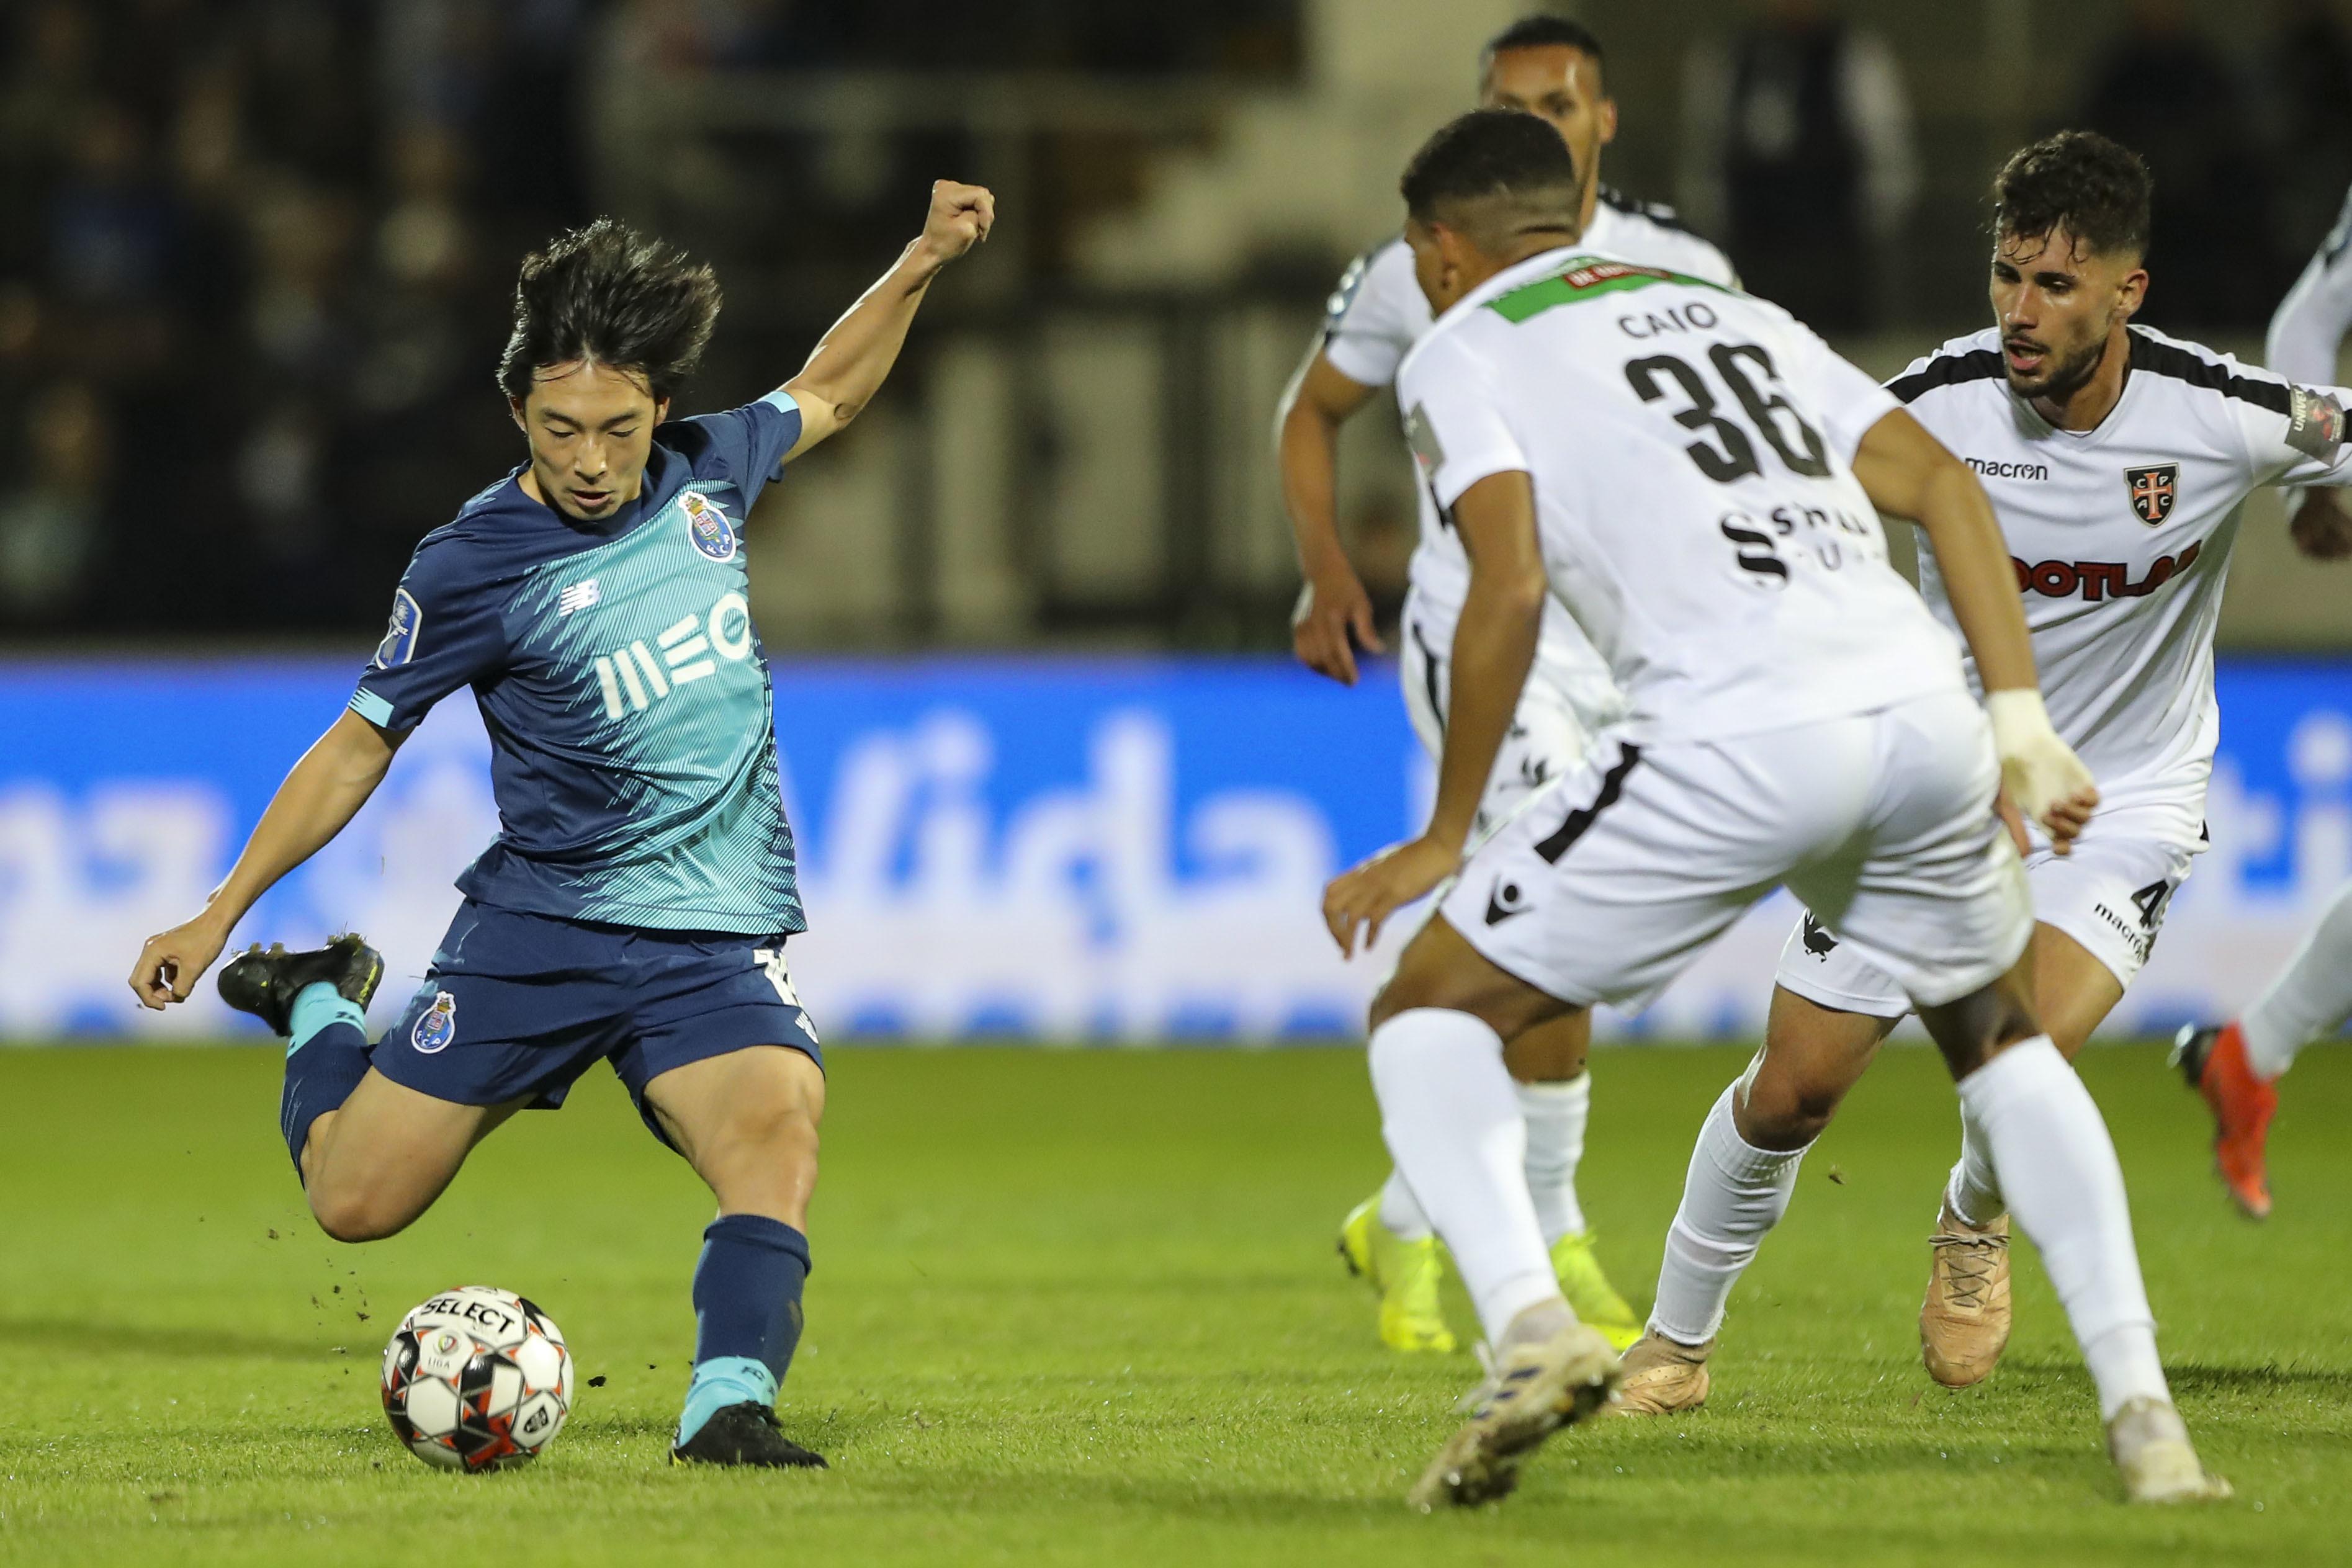 Casa Pia e FC Porto empatados ao intervalo. Eis os principais lances do 1.º tempo